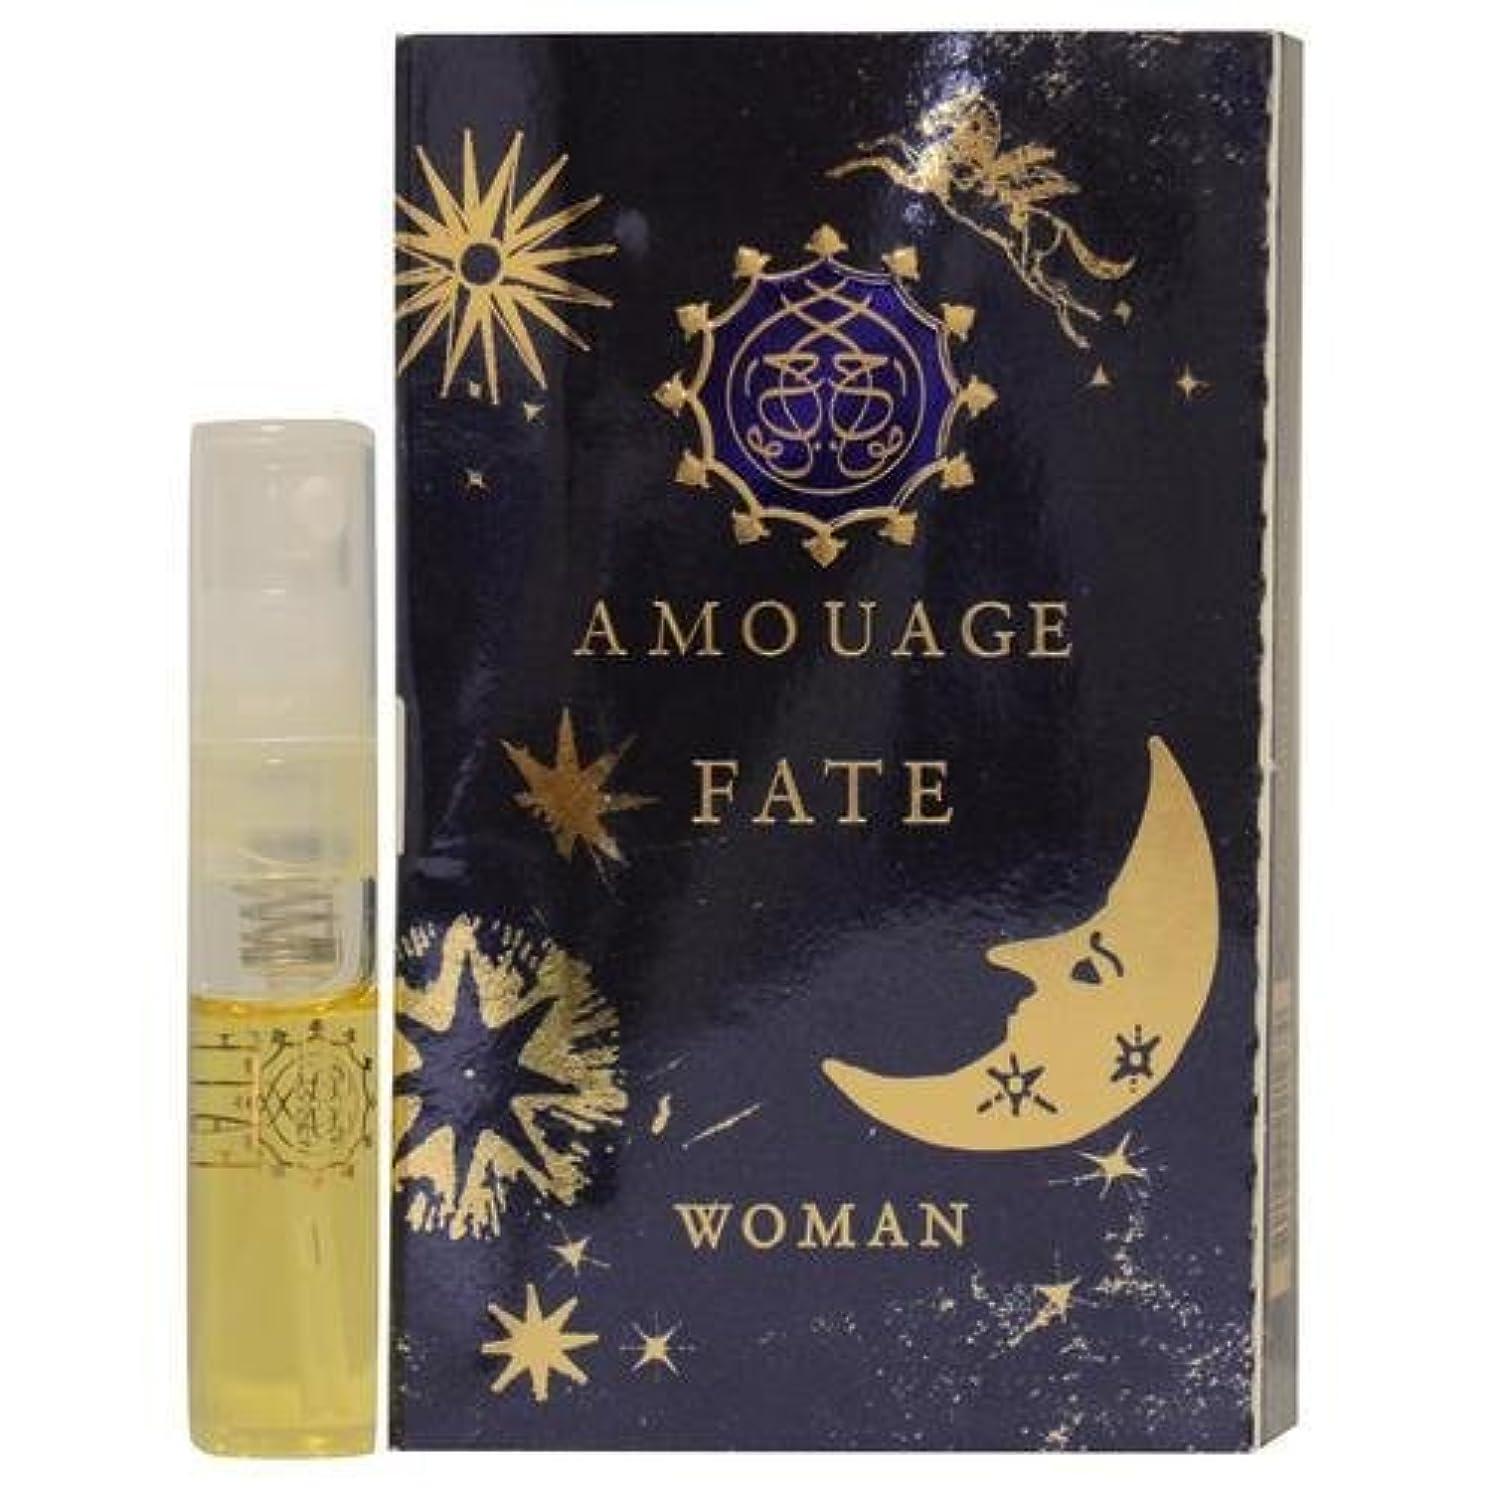 どれか位置する復活Amouage Fate Woman EDP Vial Sample(アムアージュ フェイト ウーマン オードパルファン)2ml サンプル